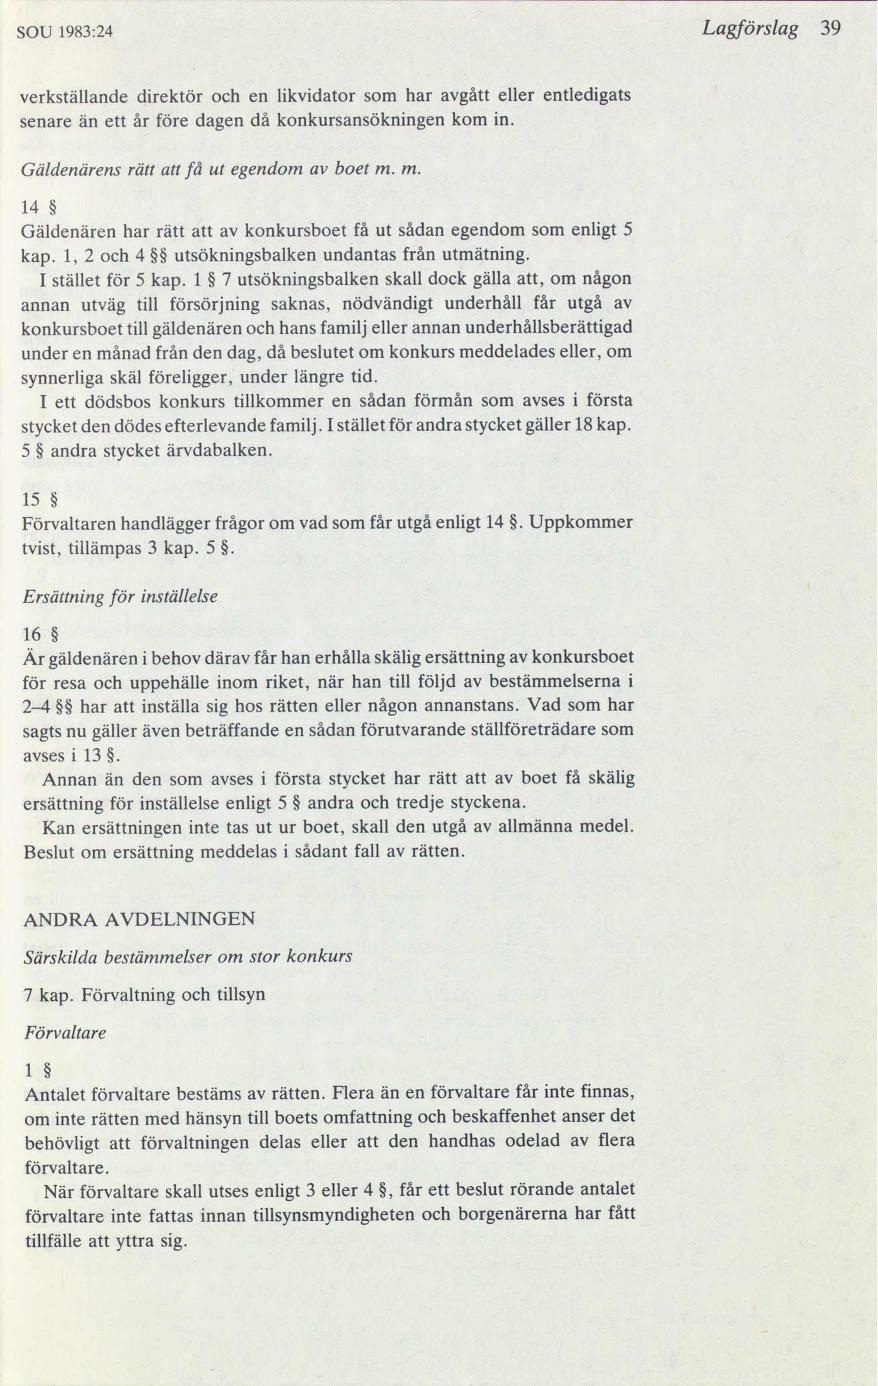 Fyra fragor 1999 07 24